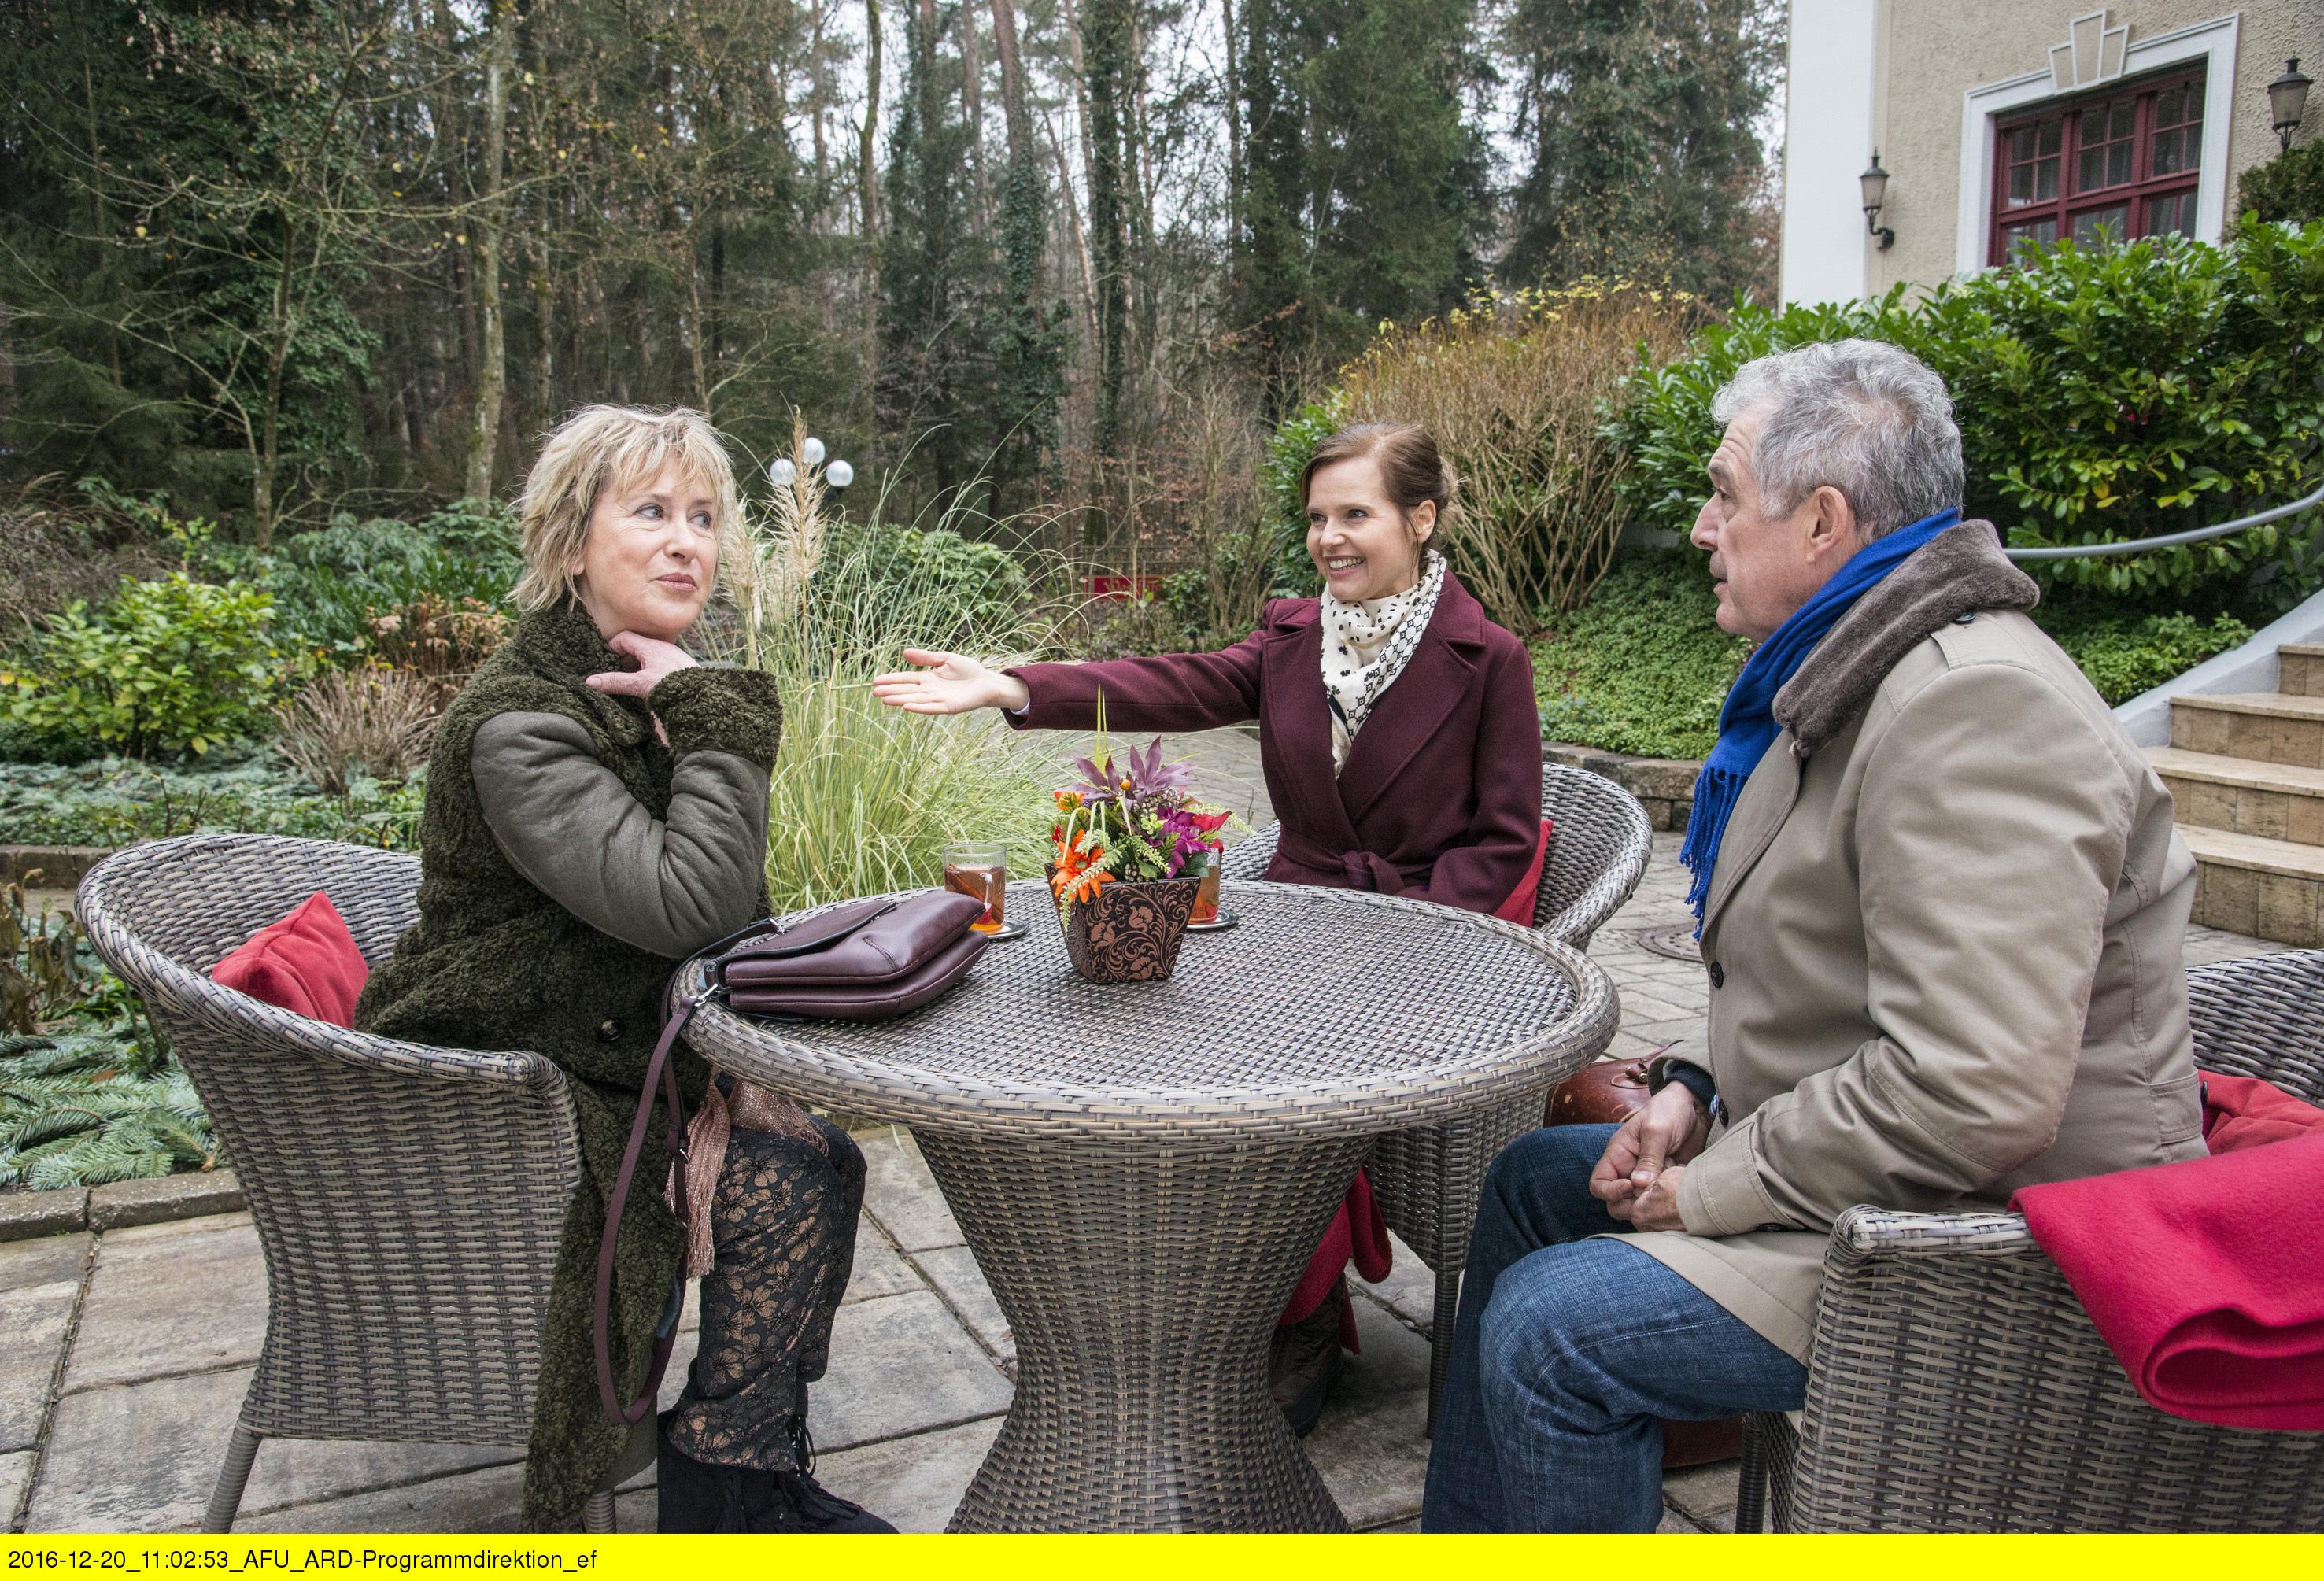 ARD STURM DER LIEBE FOLGE 2628, am Dienstag (07.02.17) um 15:10 Uhr im ERSTEN. Melli (Bojana Golenac, M.) stellt André (Joachim Lätsch, r.) ihrer Mutter Gerti (Beatrice Richter, l.) vor. (Quelle: ARD/Marco Meenen)